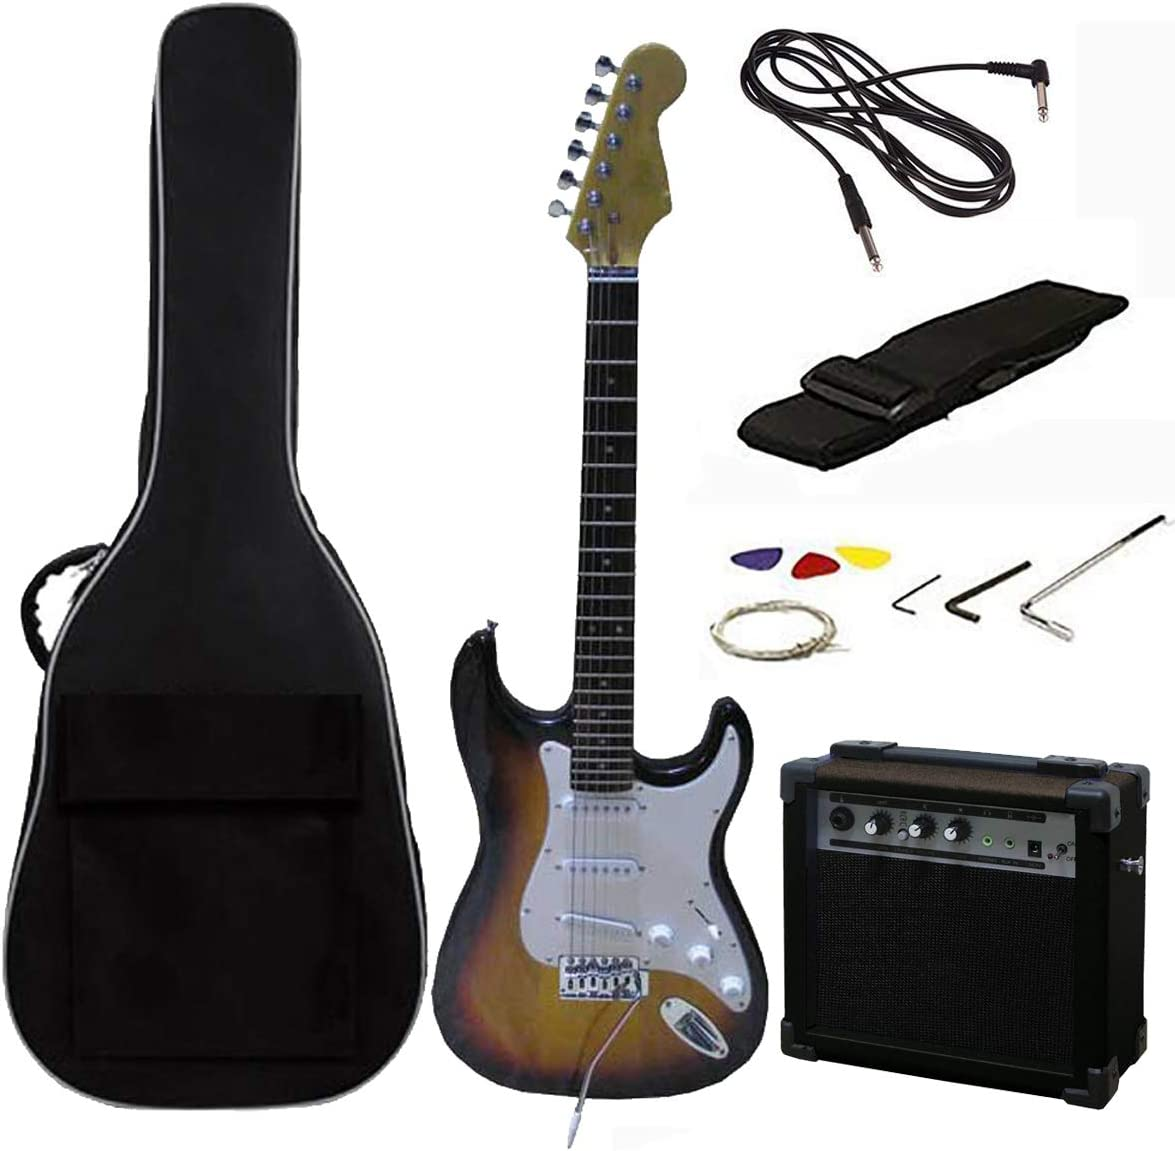 Tamaño RockJam eléctrica llena Superkit guitarra con amplificador de guitarra, secuencias de la guitarra, correa de la guitarra, guitarra bolsa y cable de la guitarra - Sunburst